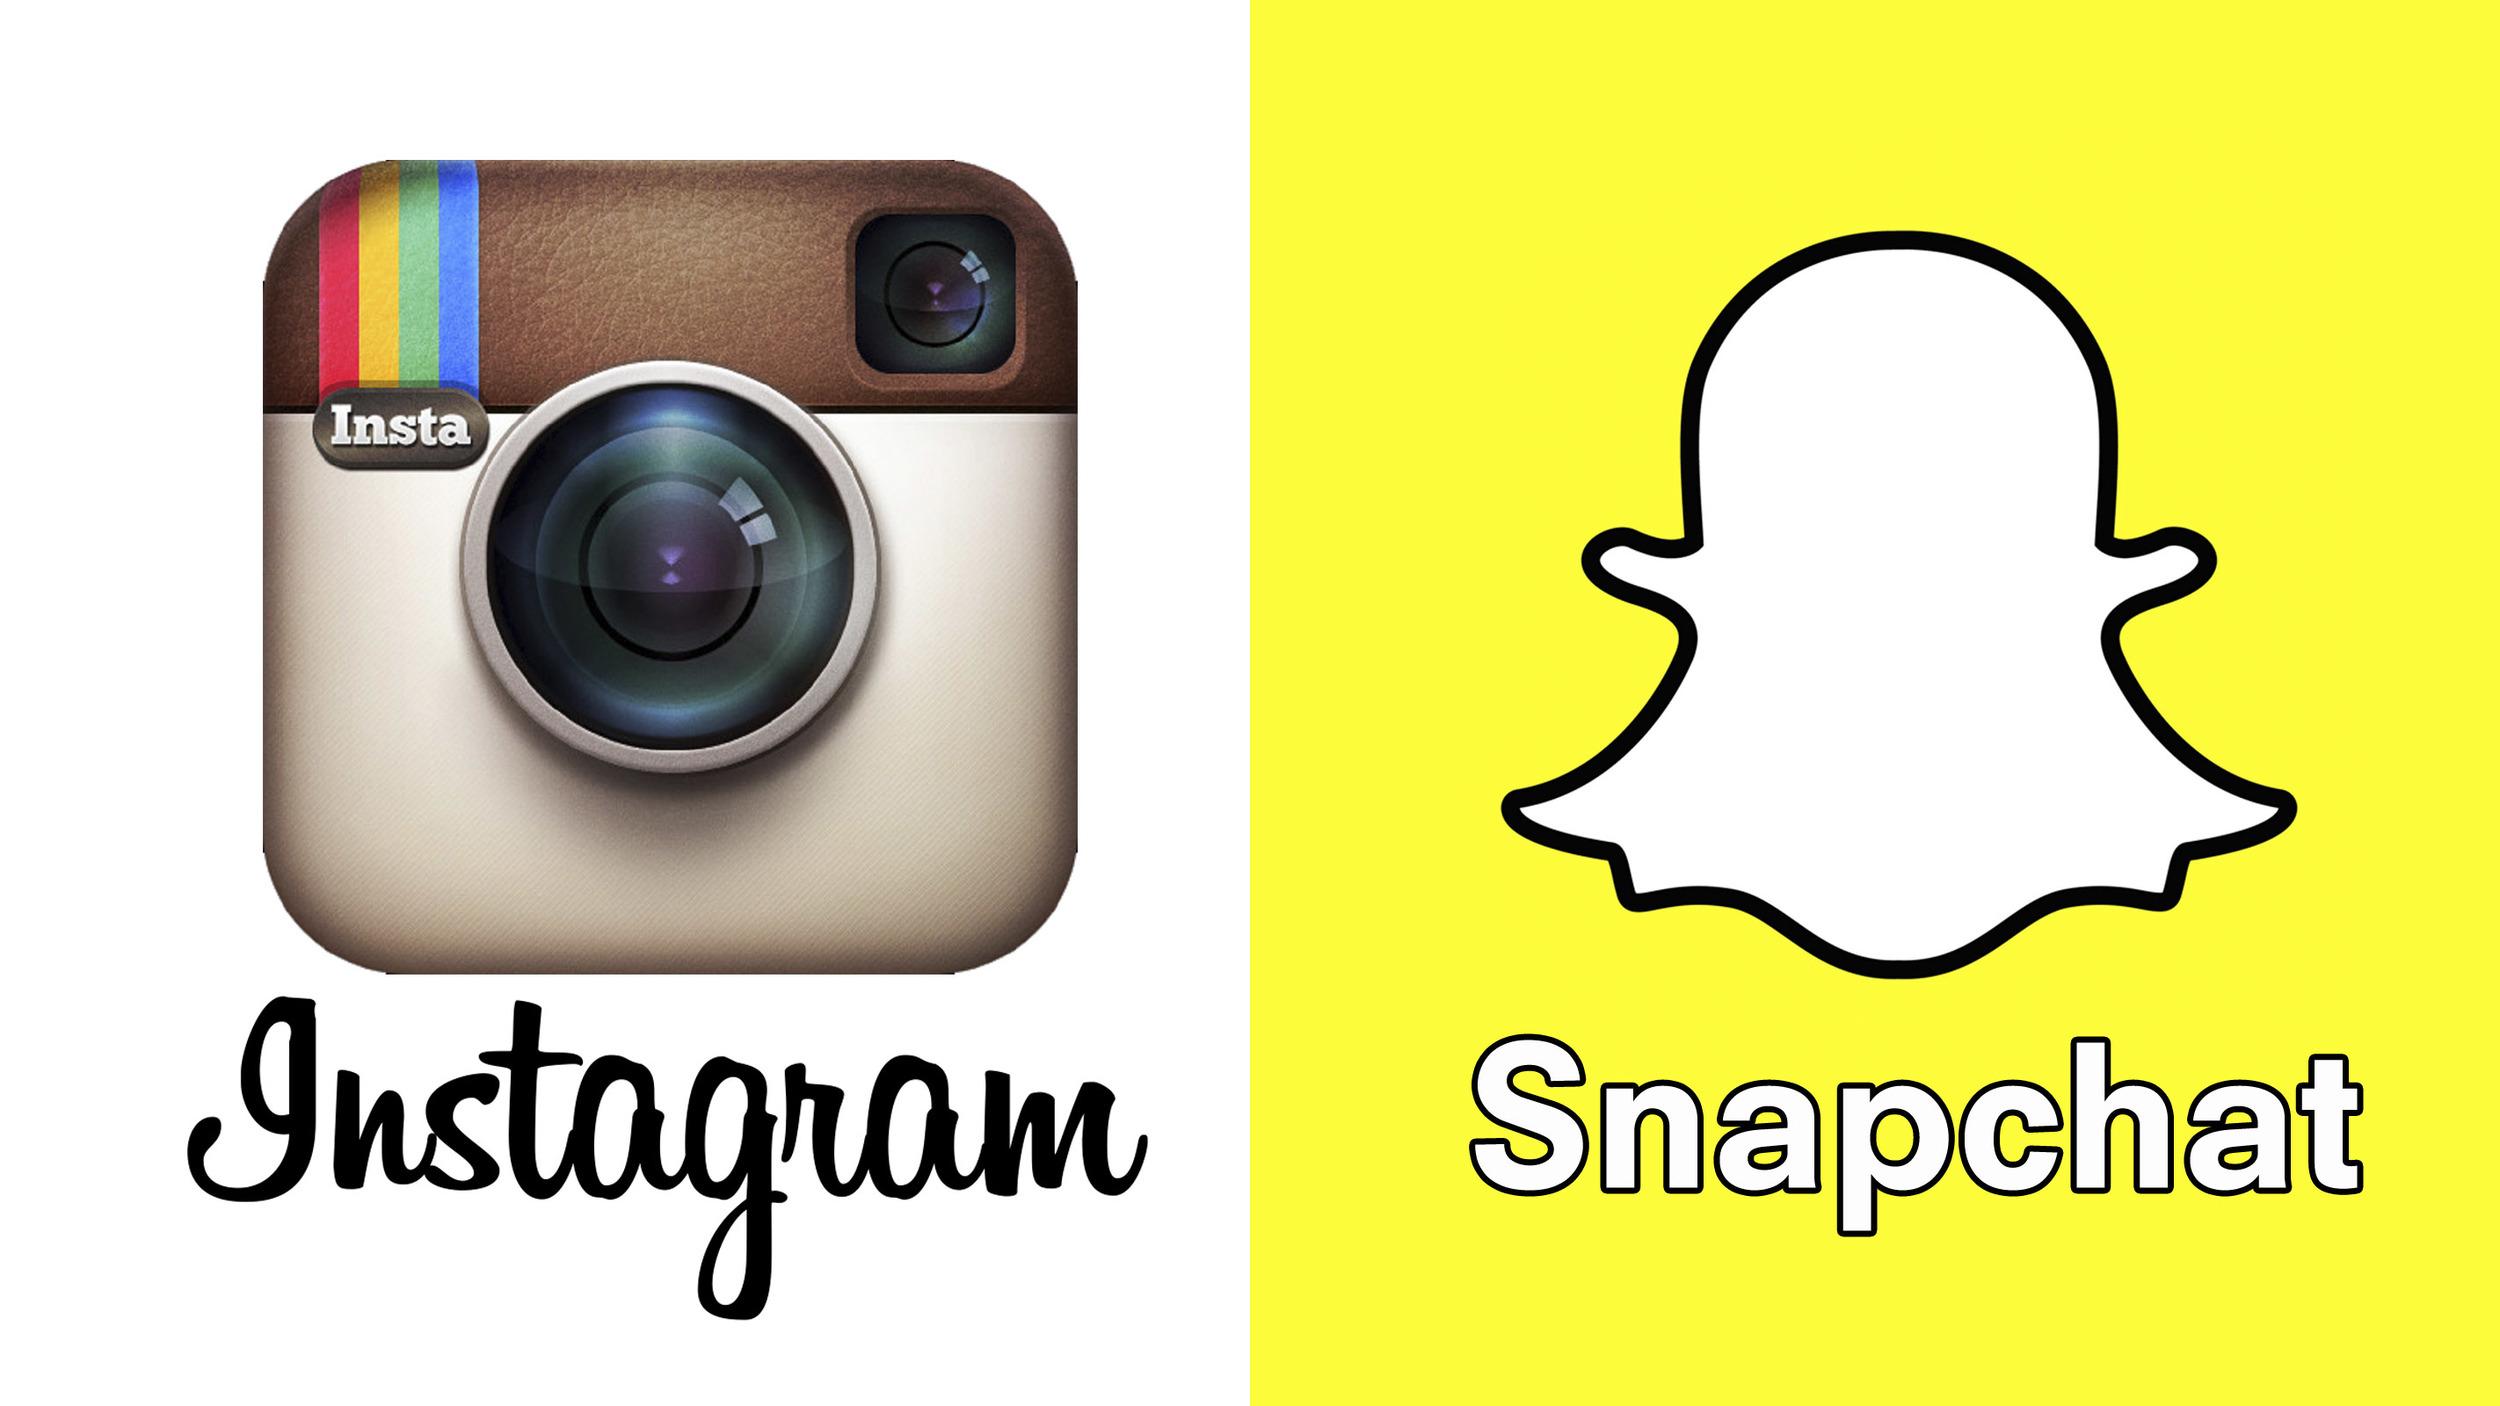 Instagram logo next to Snapchat logo